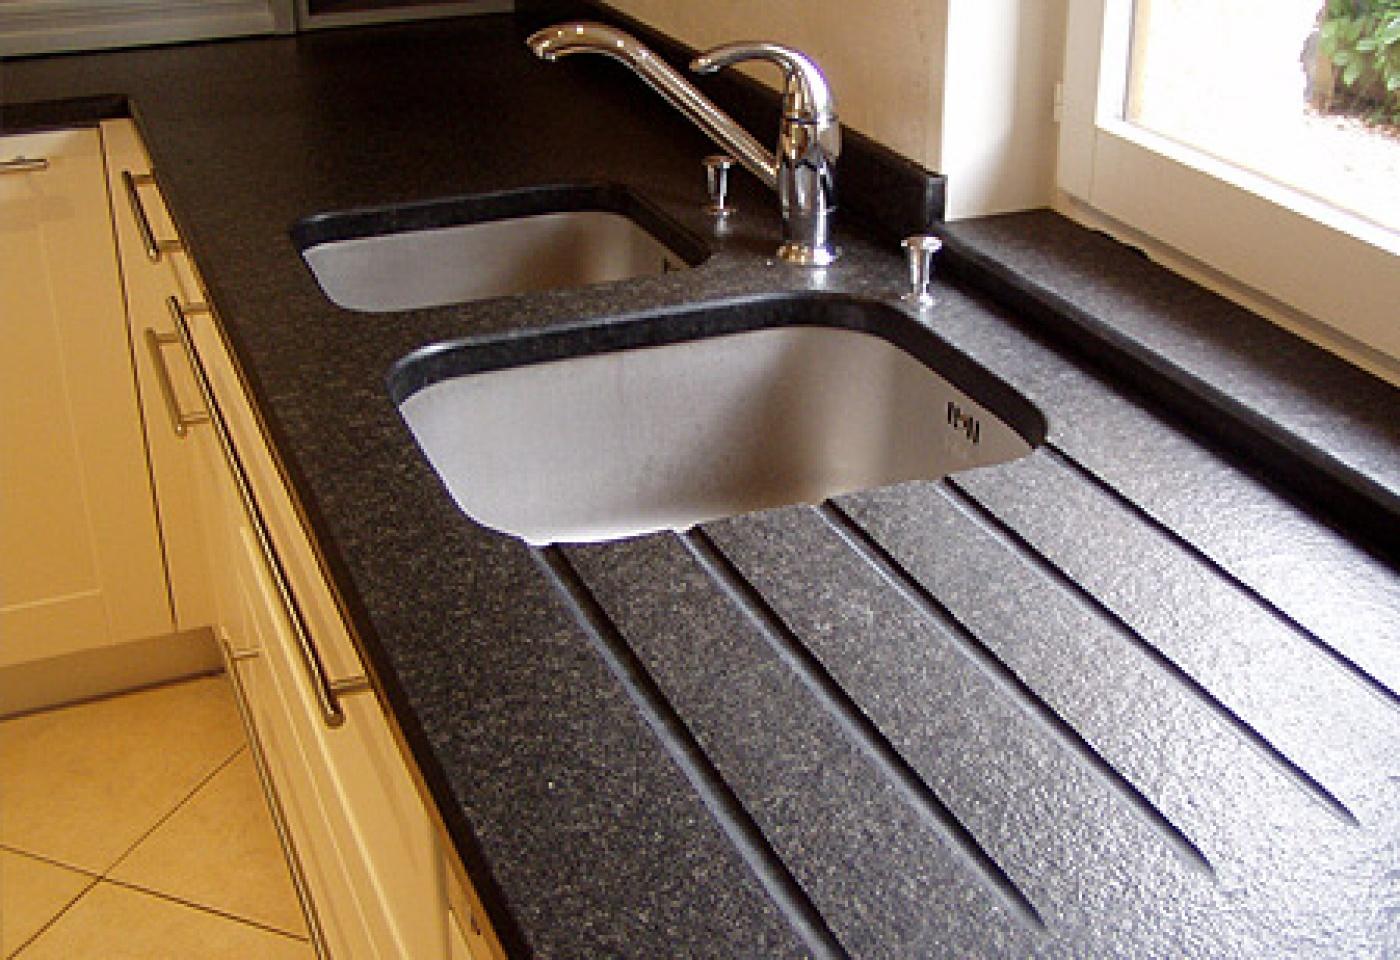 Plan de travail en Granit Noir Zimbabwé flammé brossé. Pose de cuisine au Beausset (Var)